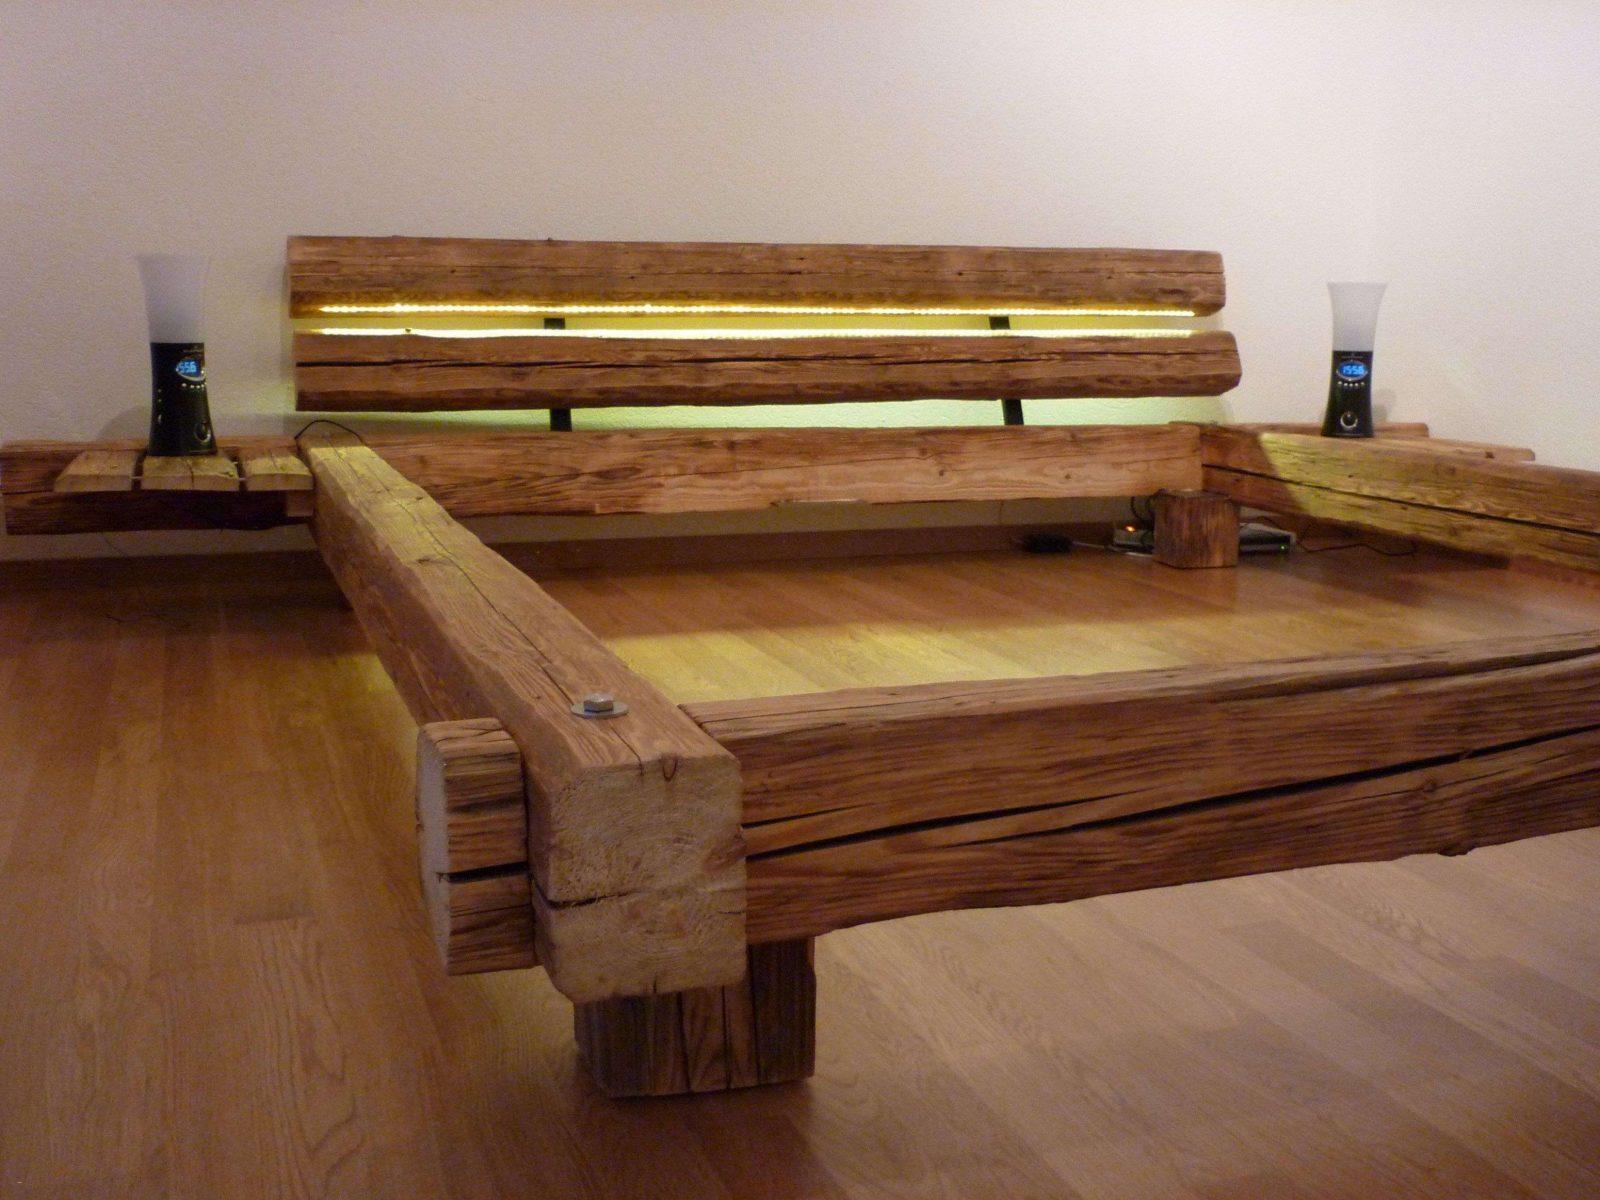 36 Frisch Bett Selber Bauen Holz Galerie  Dekor Für Bed Garten Und von Bett Selber Bauen Holz Photo